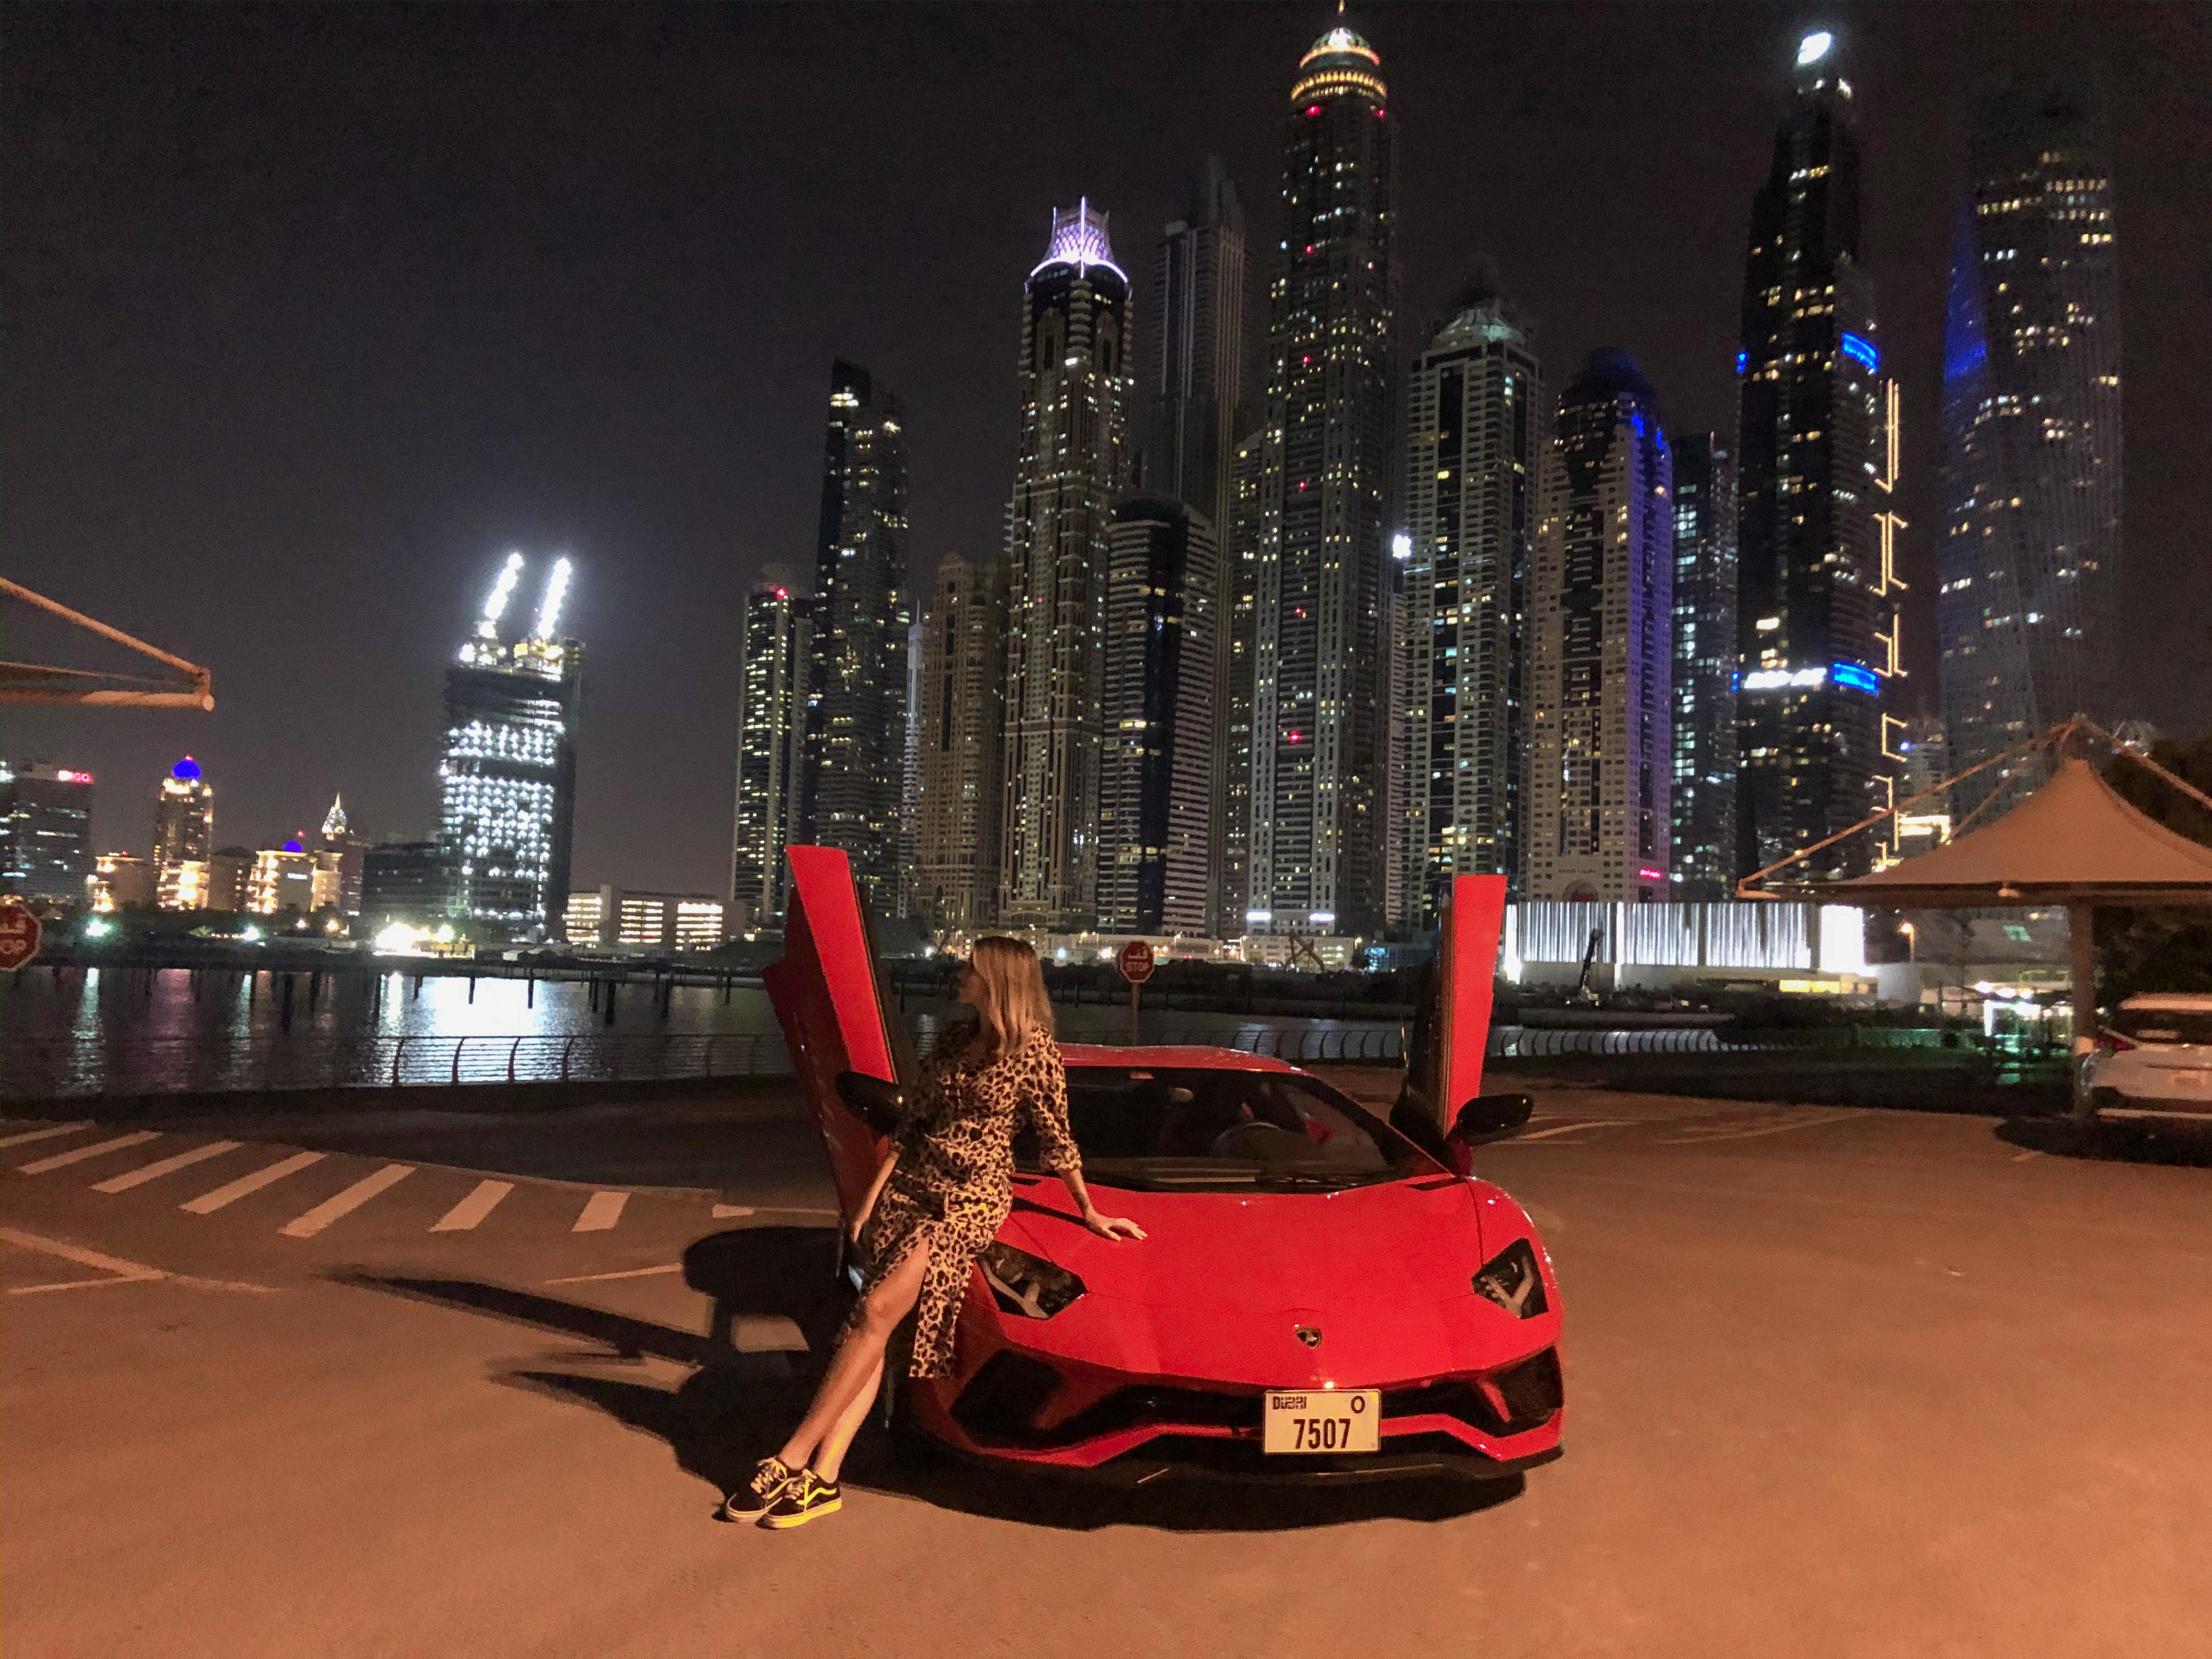 Lamborghini alugada em Dubai (Foto: Trip To Follow)